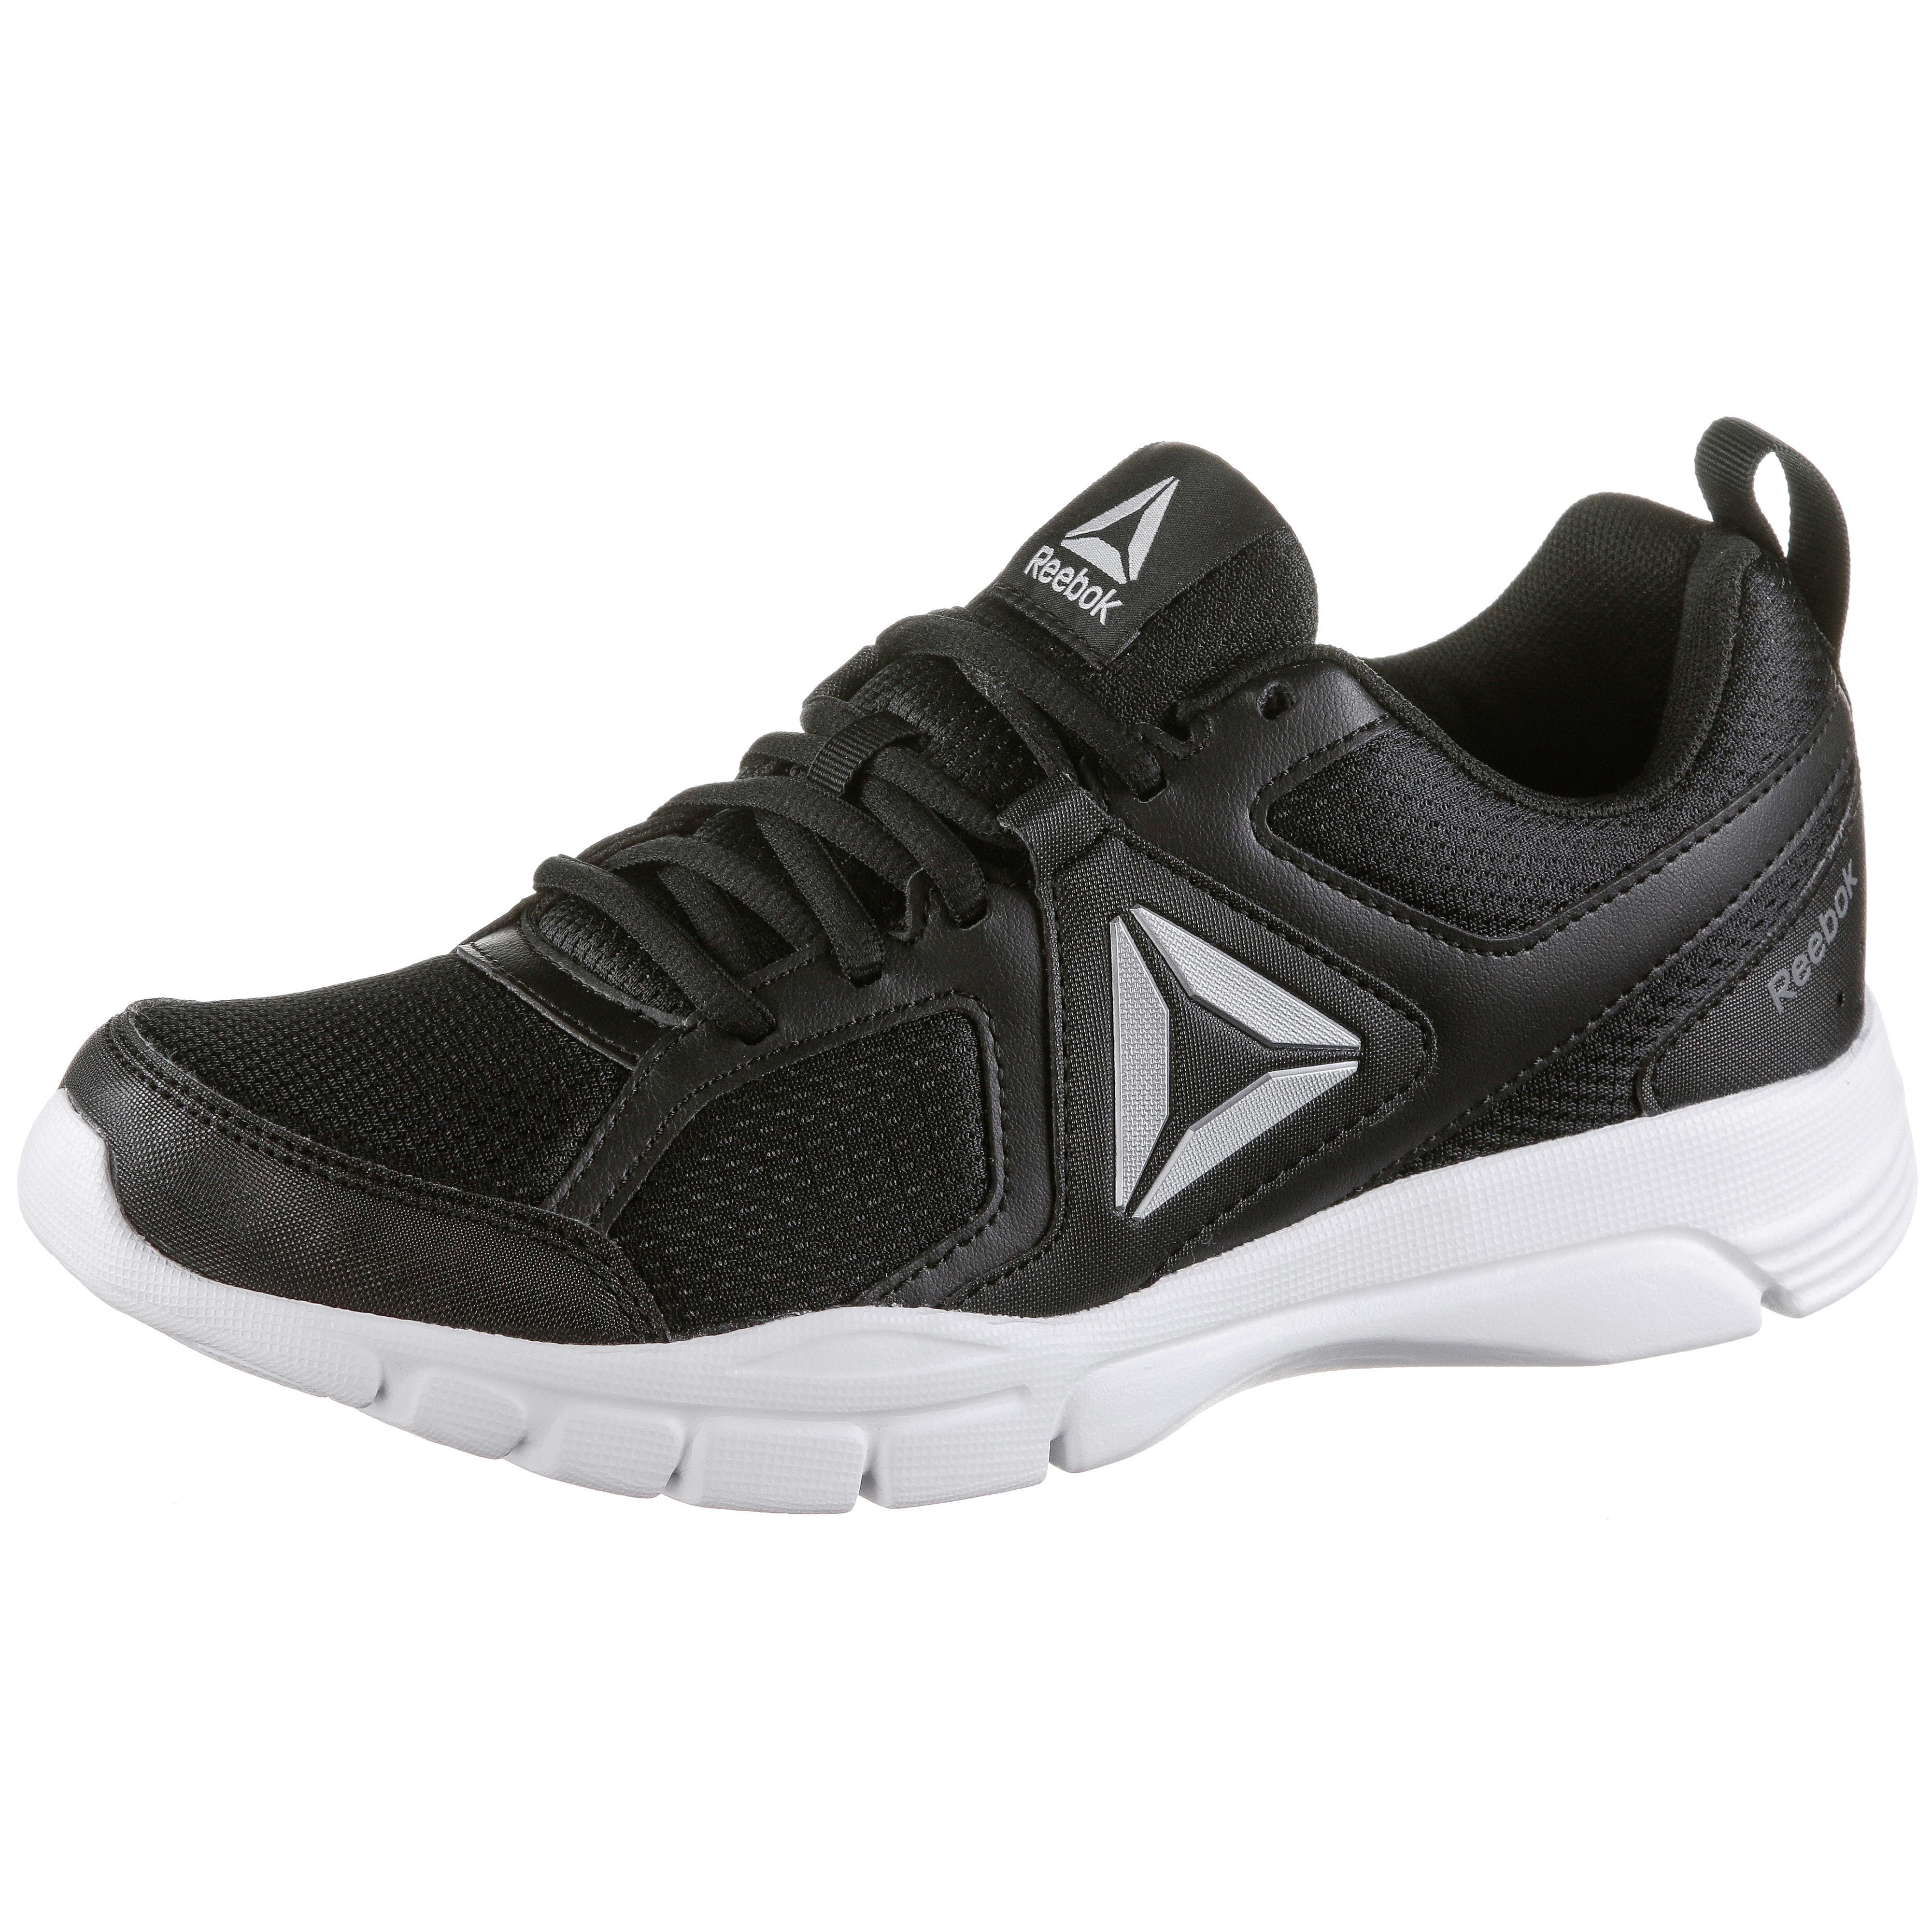 Schuhe online günstig kaufen über shop24.at | shop24